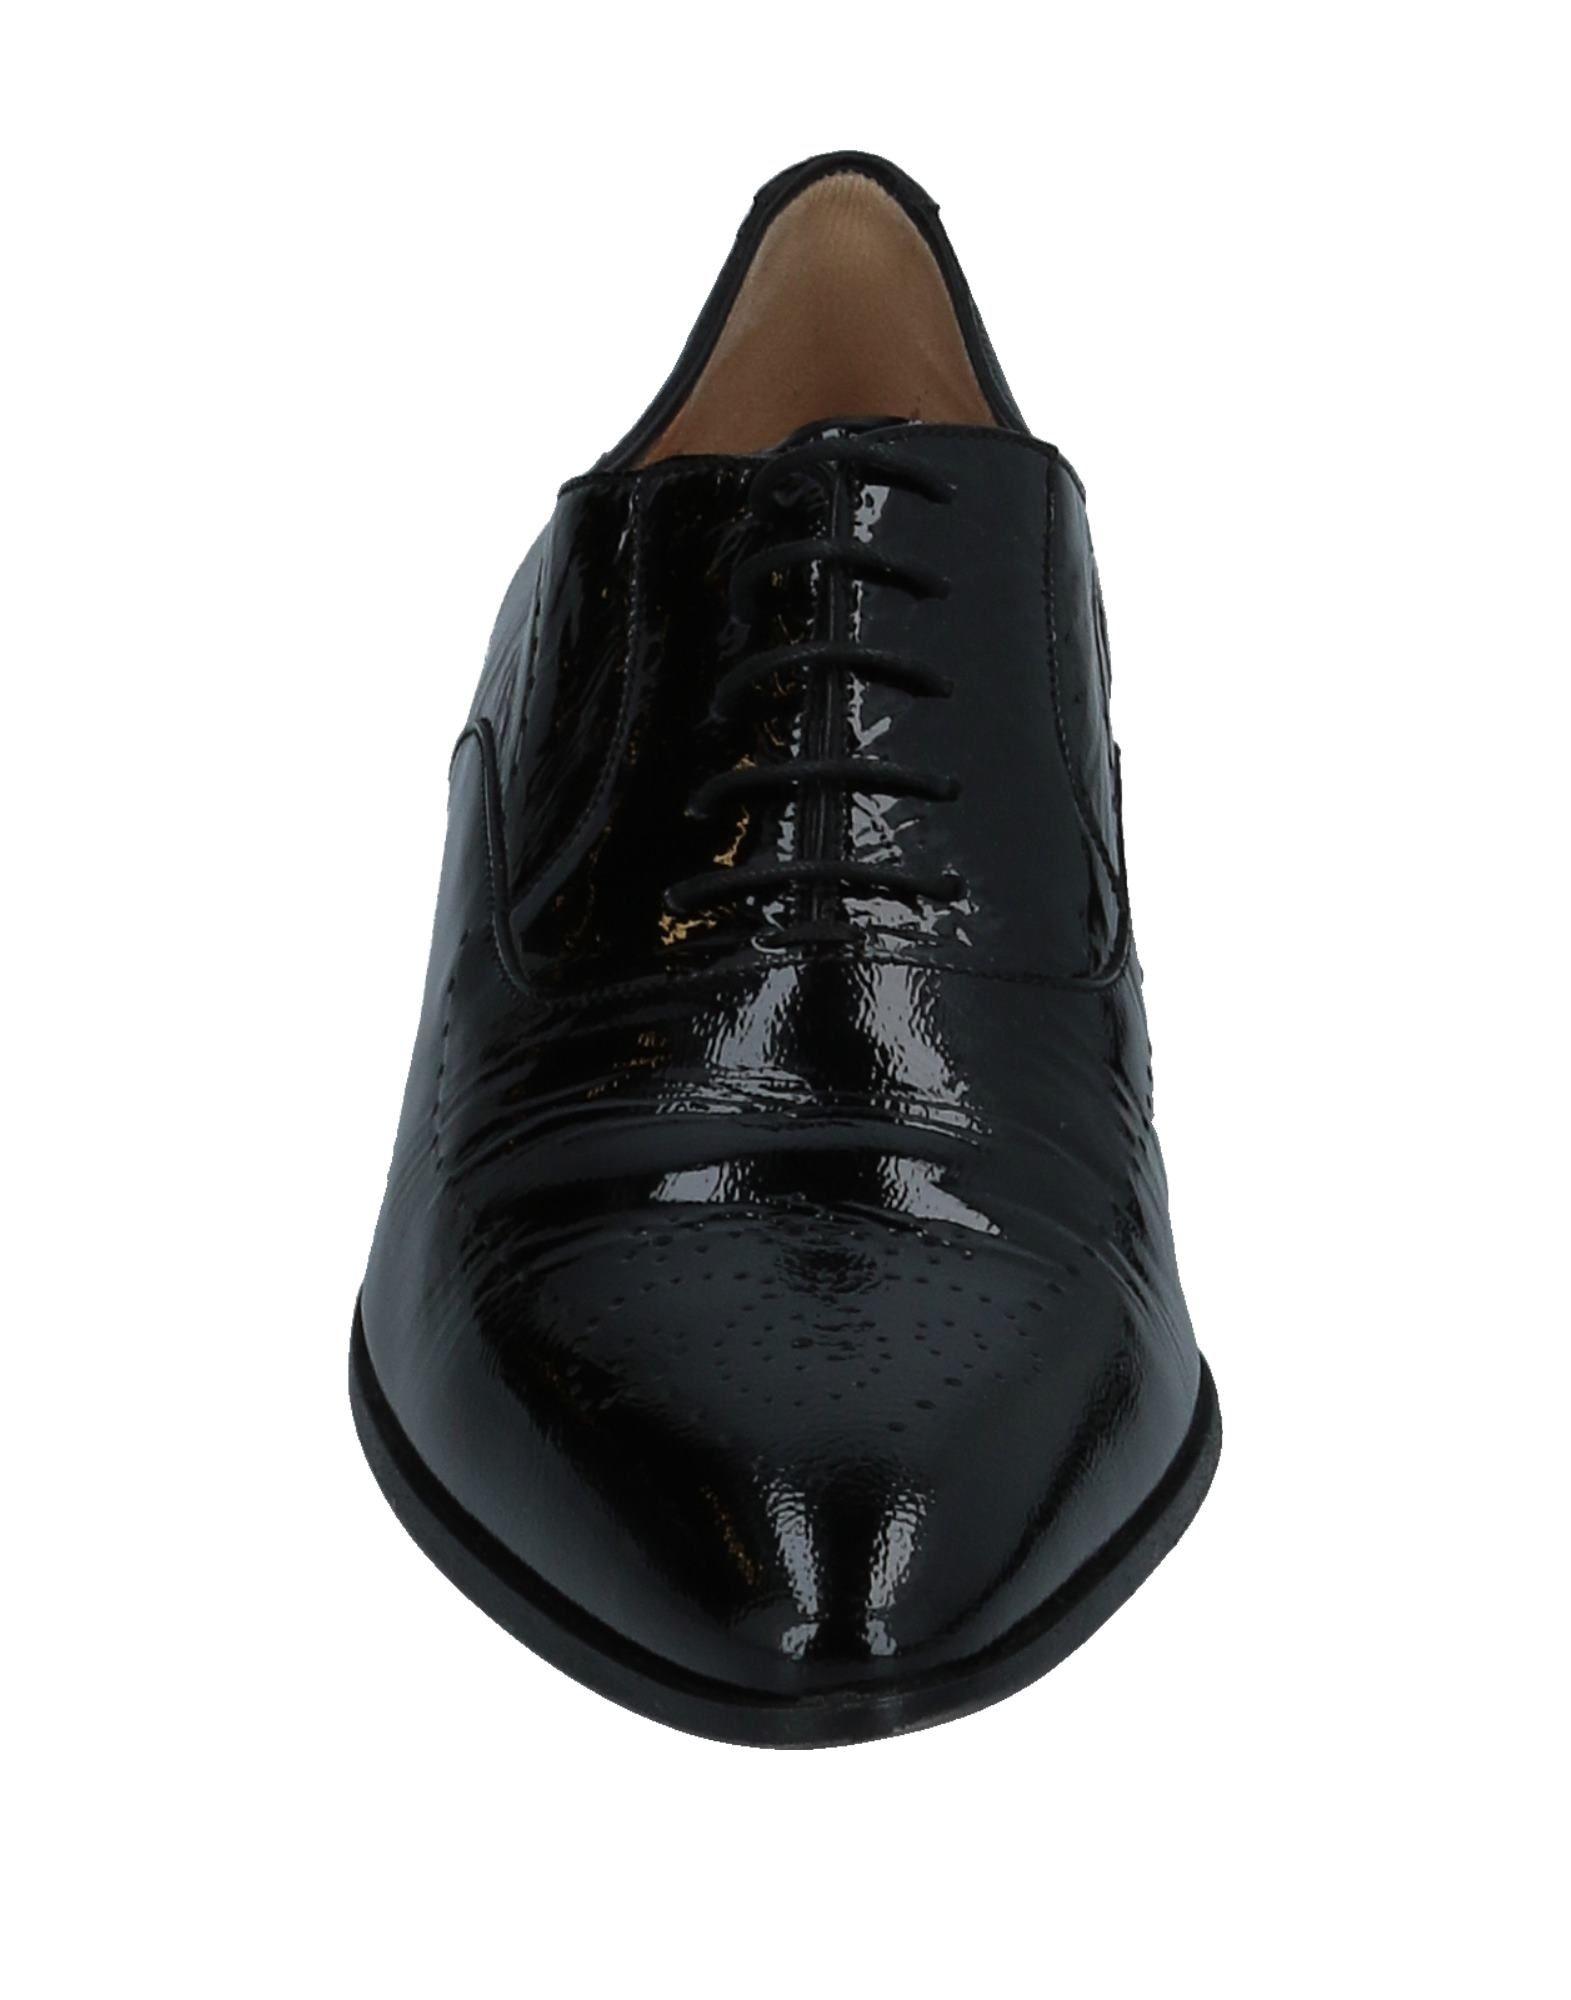 Rabatt Schuhe Schnürschuhe Santoni Schnürschuhe Schuhe Damen  11518959GL 1075c3